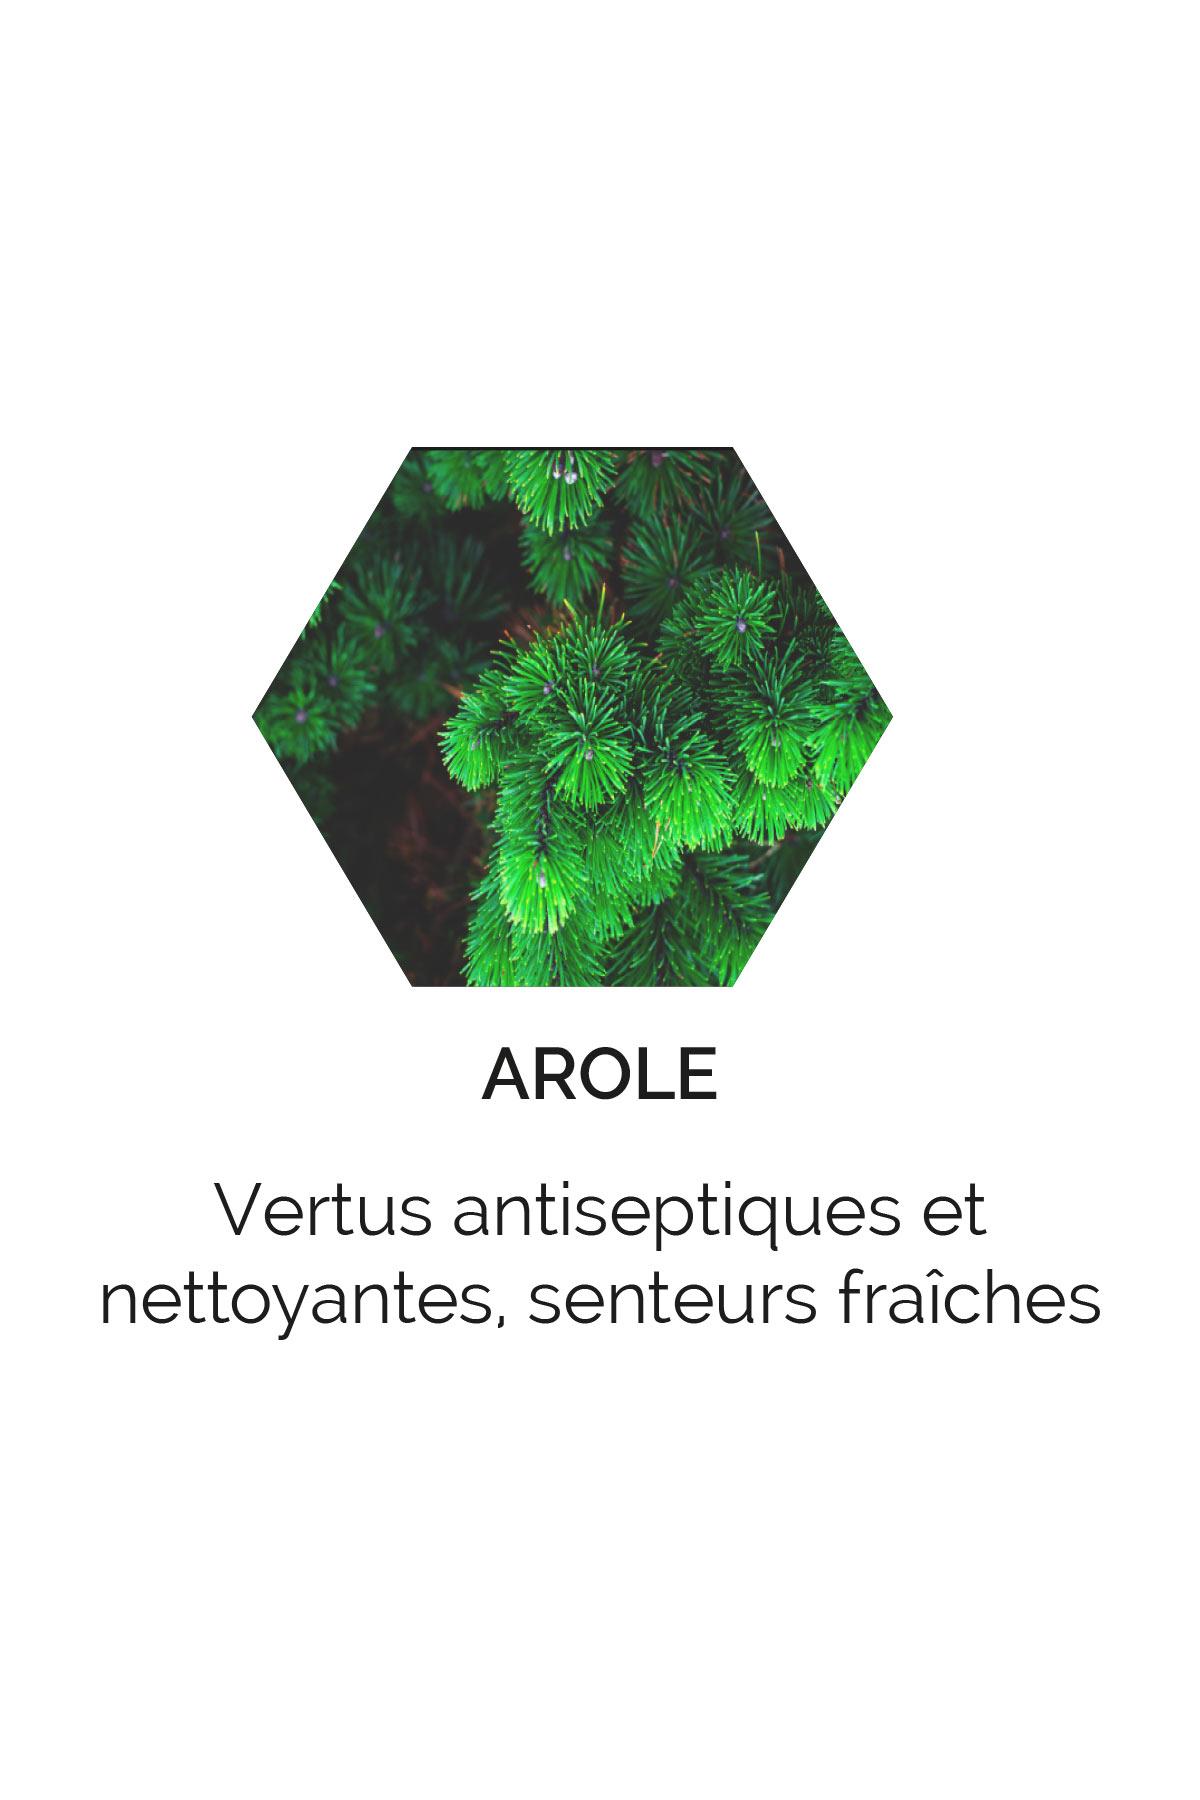 Arole